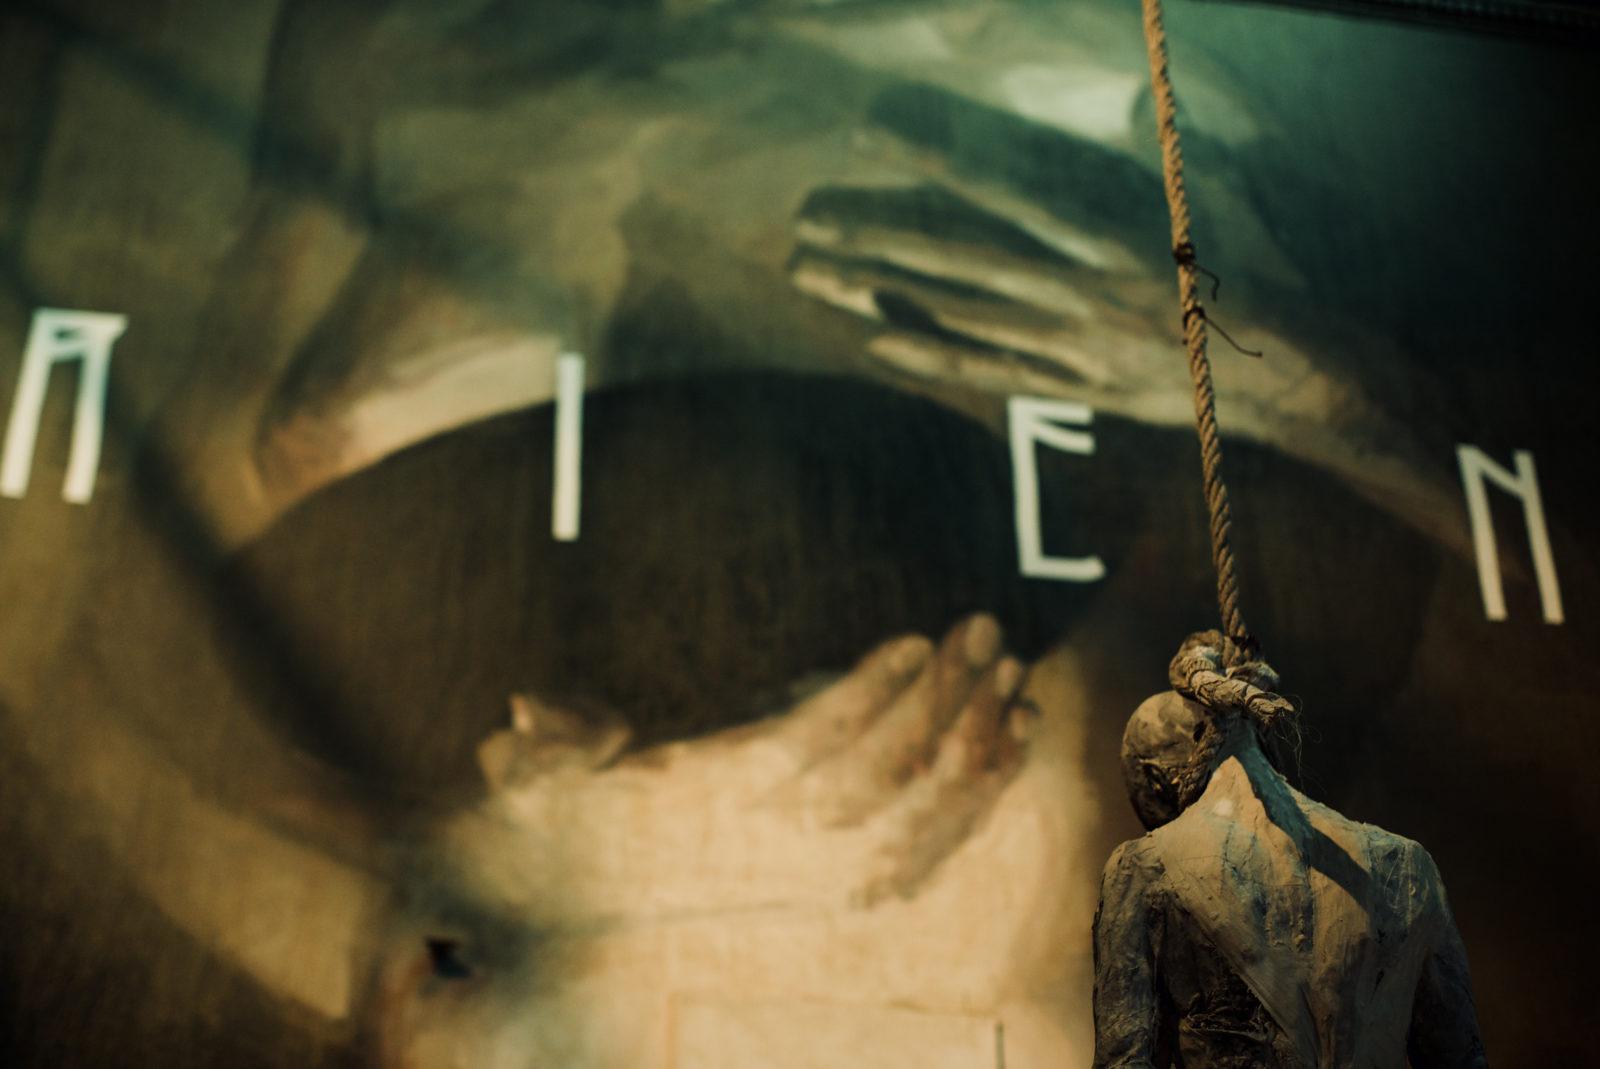 """street art marseille exposition emancipation couvent Axel Void pendu religion chapelle Psymedias 2 - """"Emancipation"""" : À Marseille, l'art urbain s'expose dans un ancien couvent"""